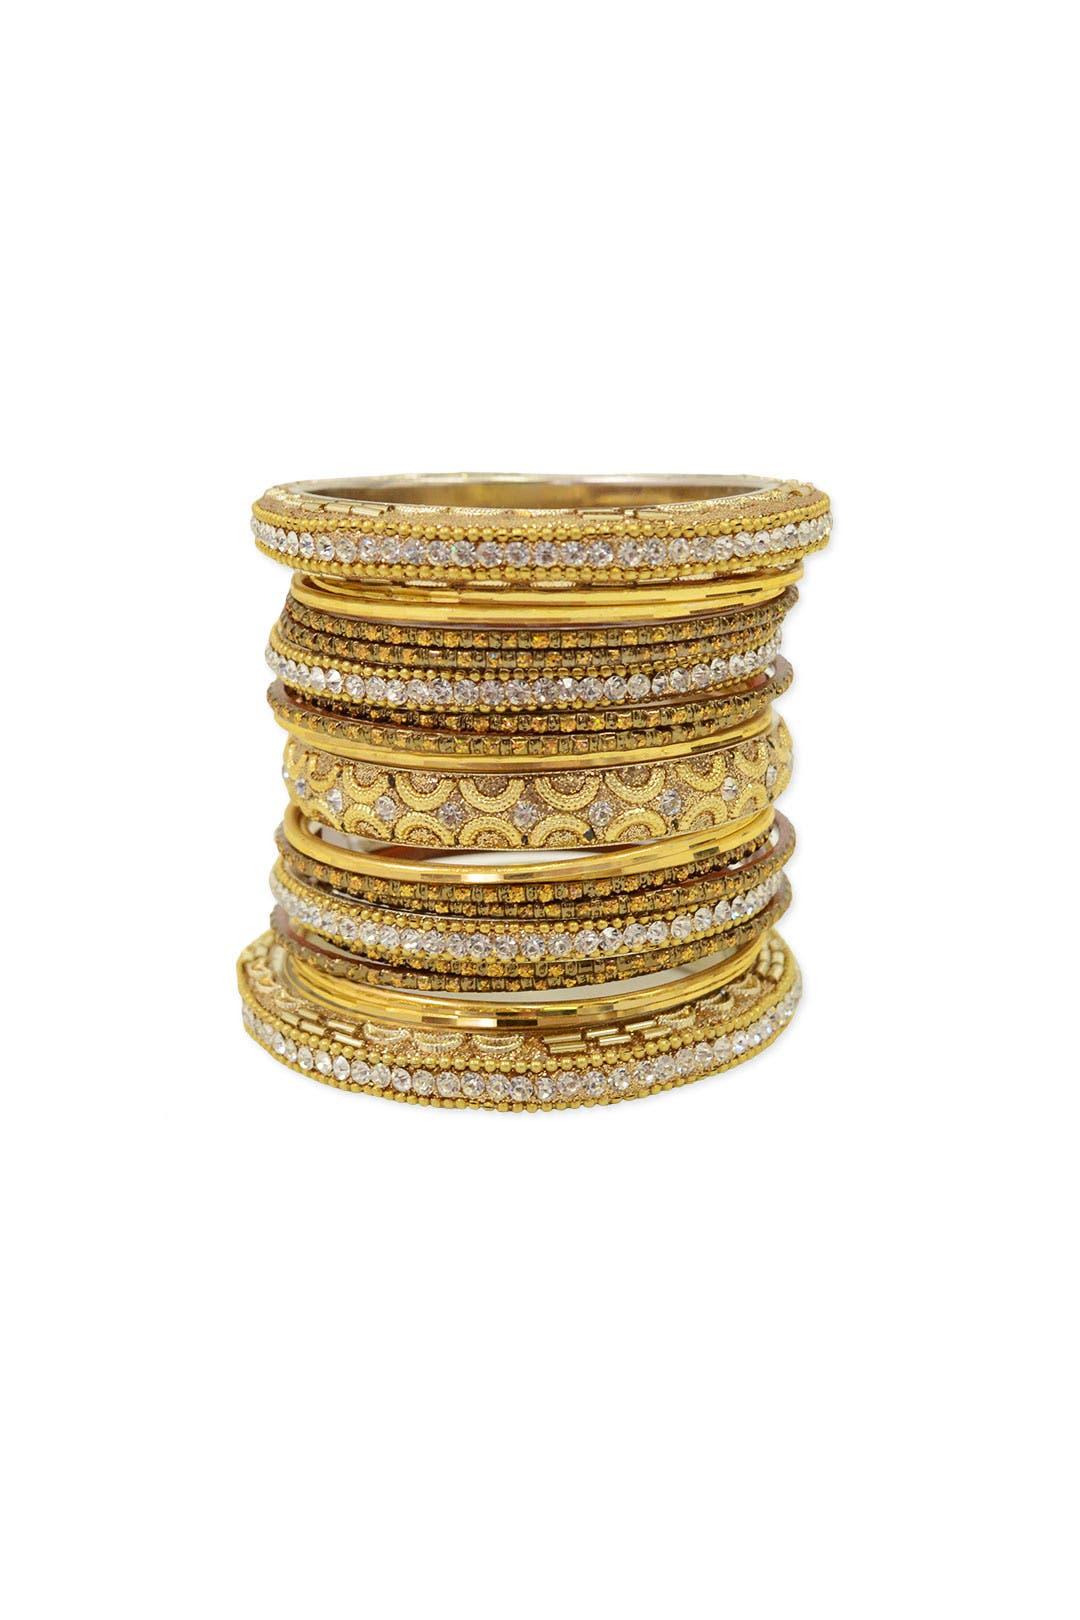 Gold Glitz Bangle Stack by Chamak by Priya Kakkar